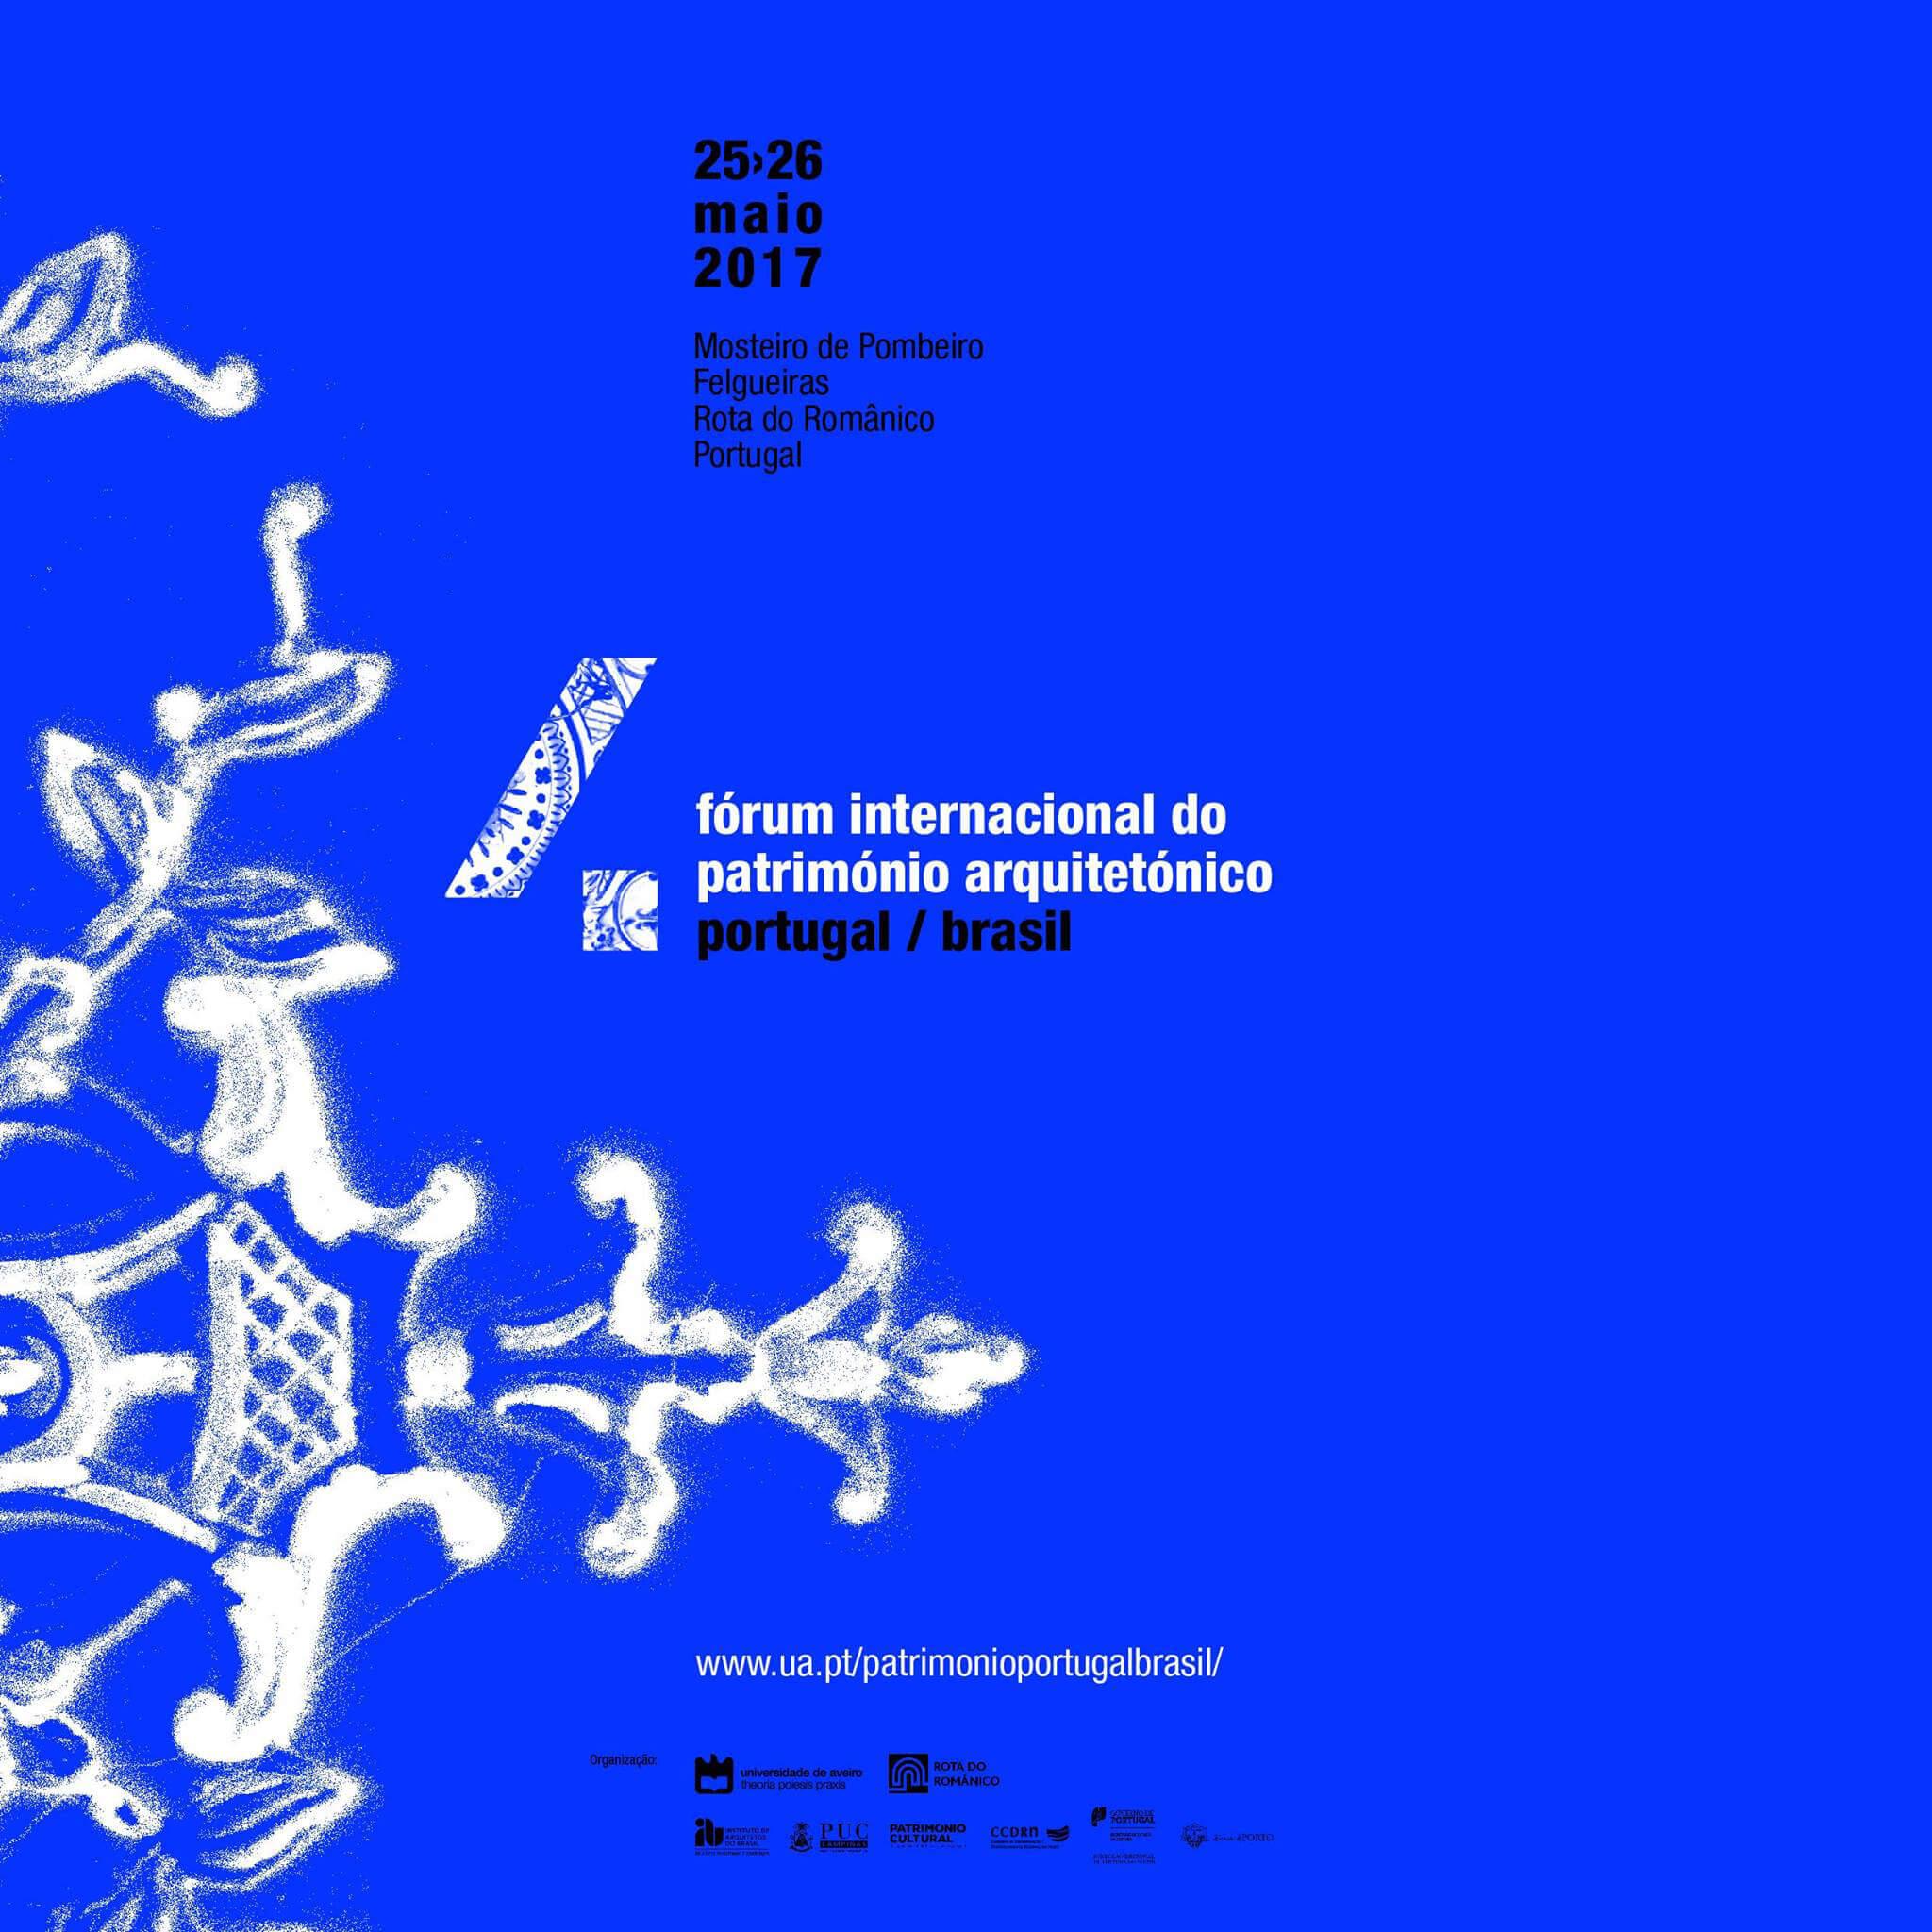 4º Fórum Internacional do Património Arquitetónico Portugal/Brasil